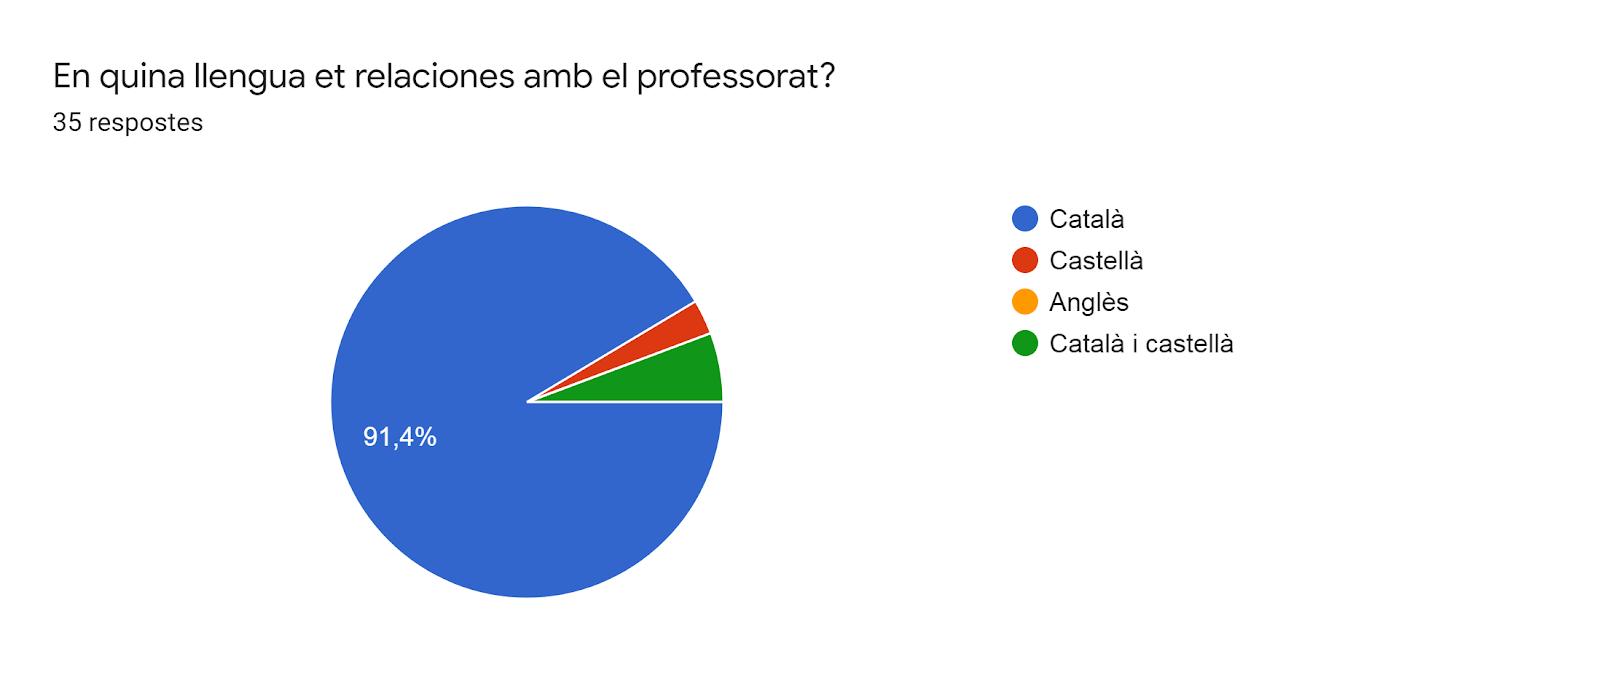 Gràfic de respostes de Formularis. Títol de la pregunta: En quina llengua et relaciones amb el professorat?. Nombre de respostes: 35 respostes.